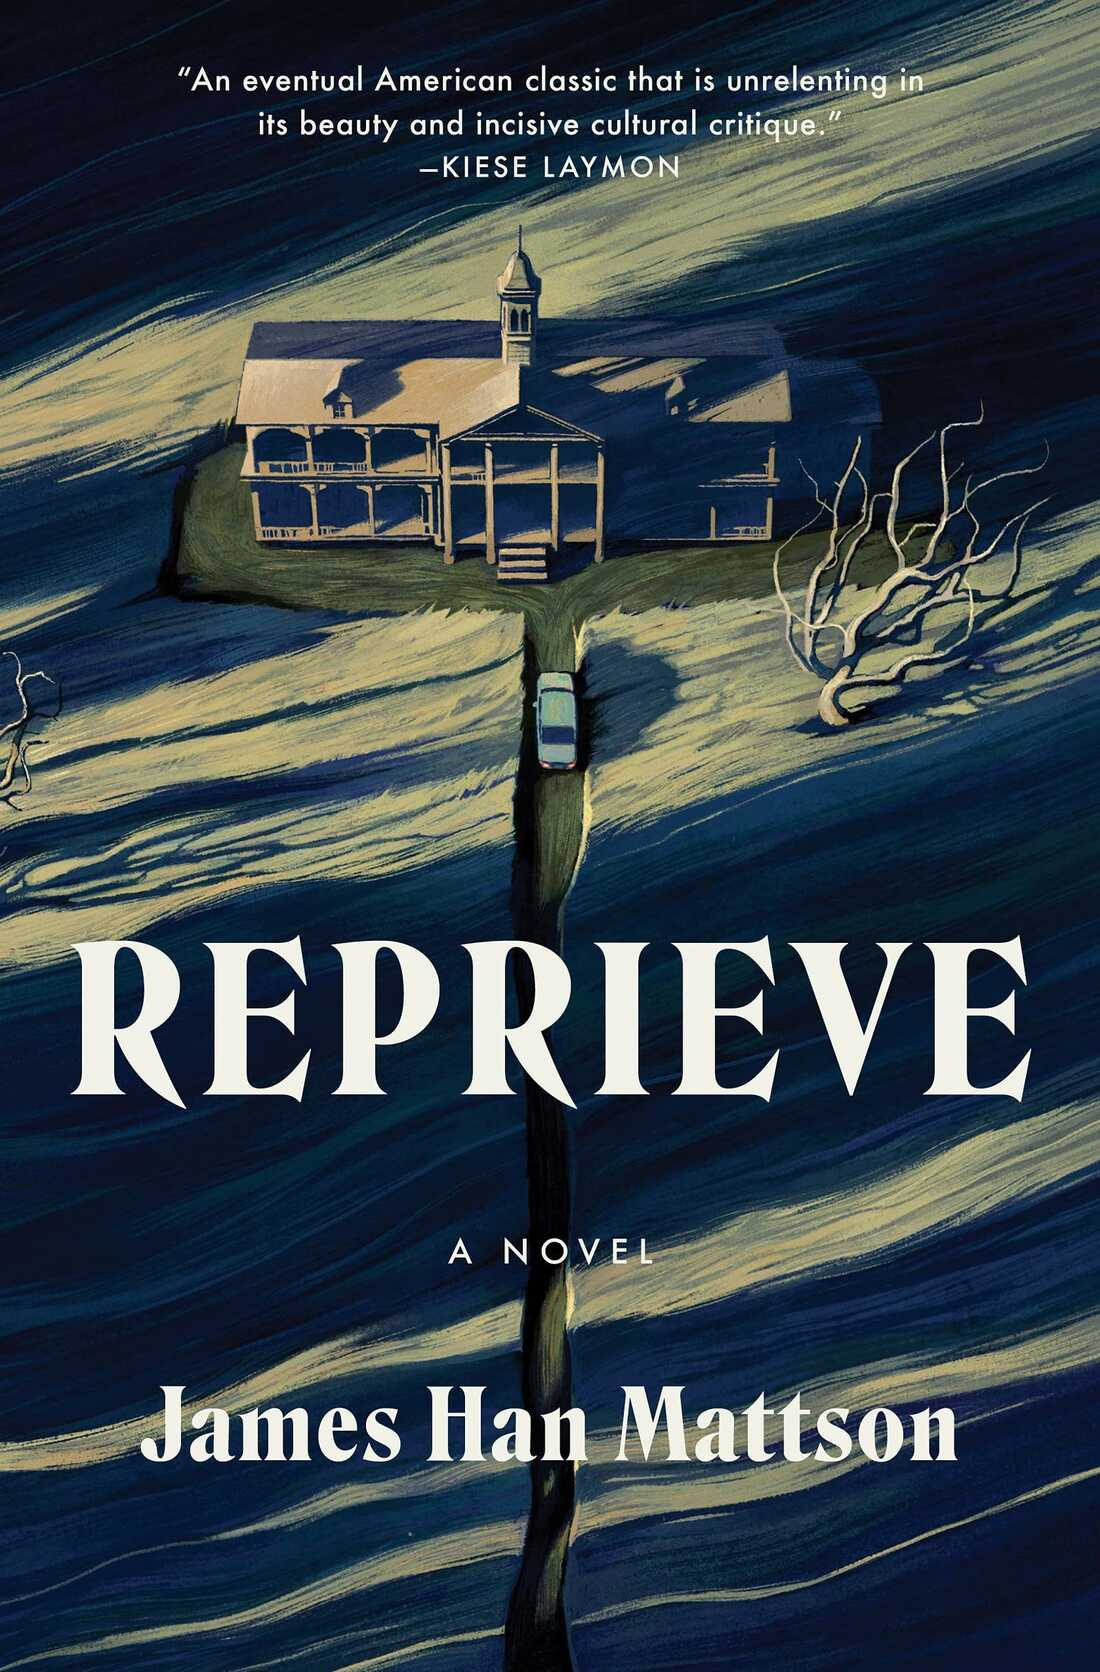 Reprieve, by James Han Mattson